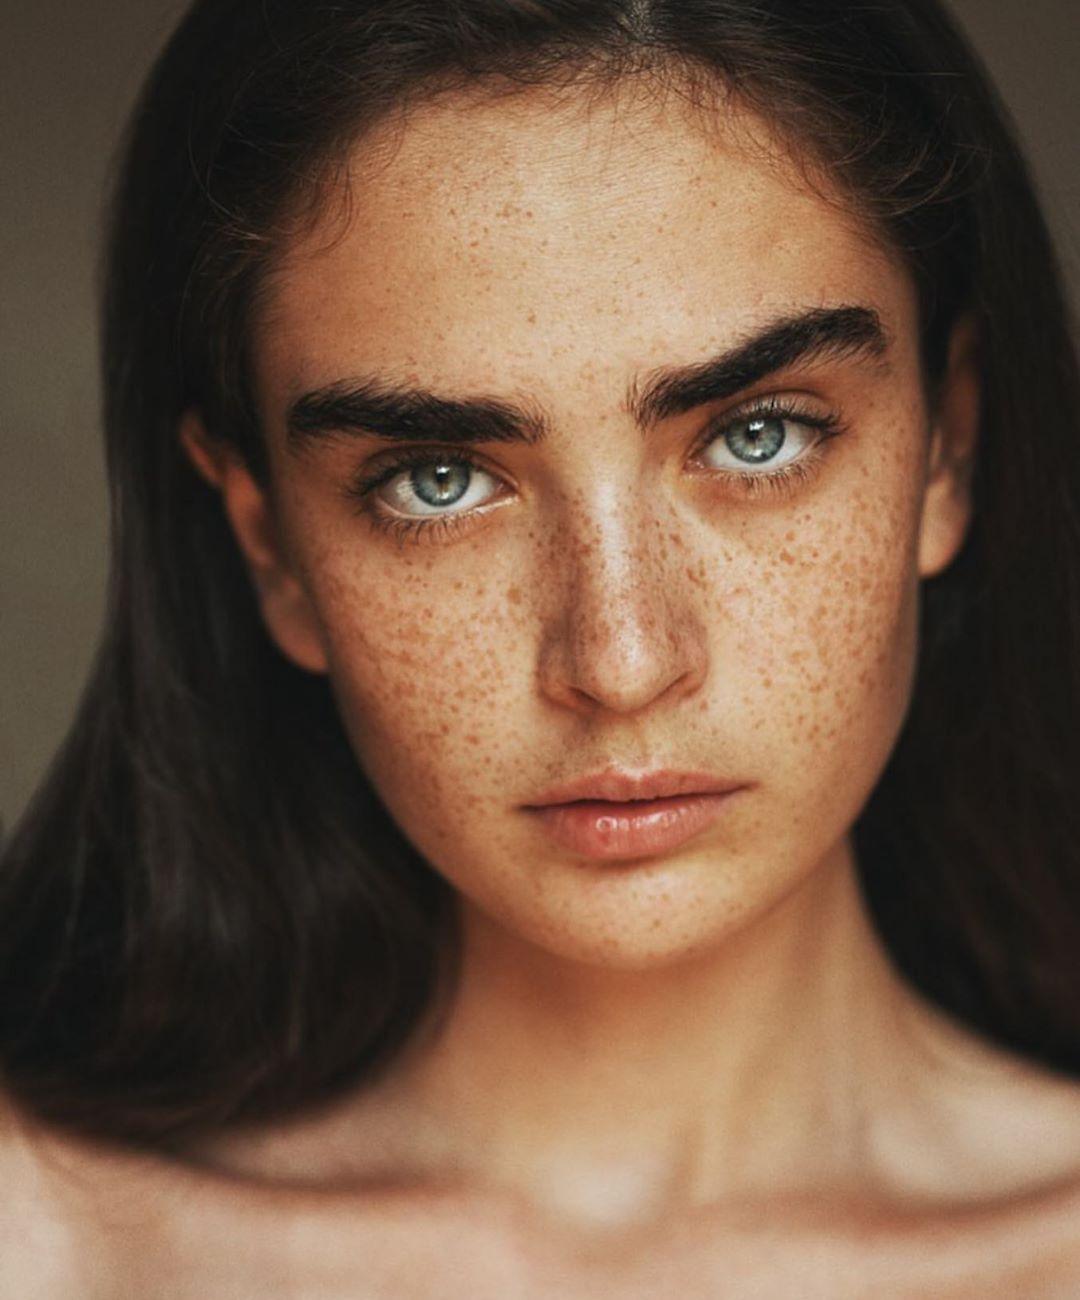 Alisha-Nesvat